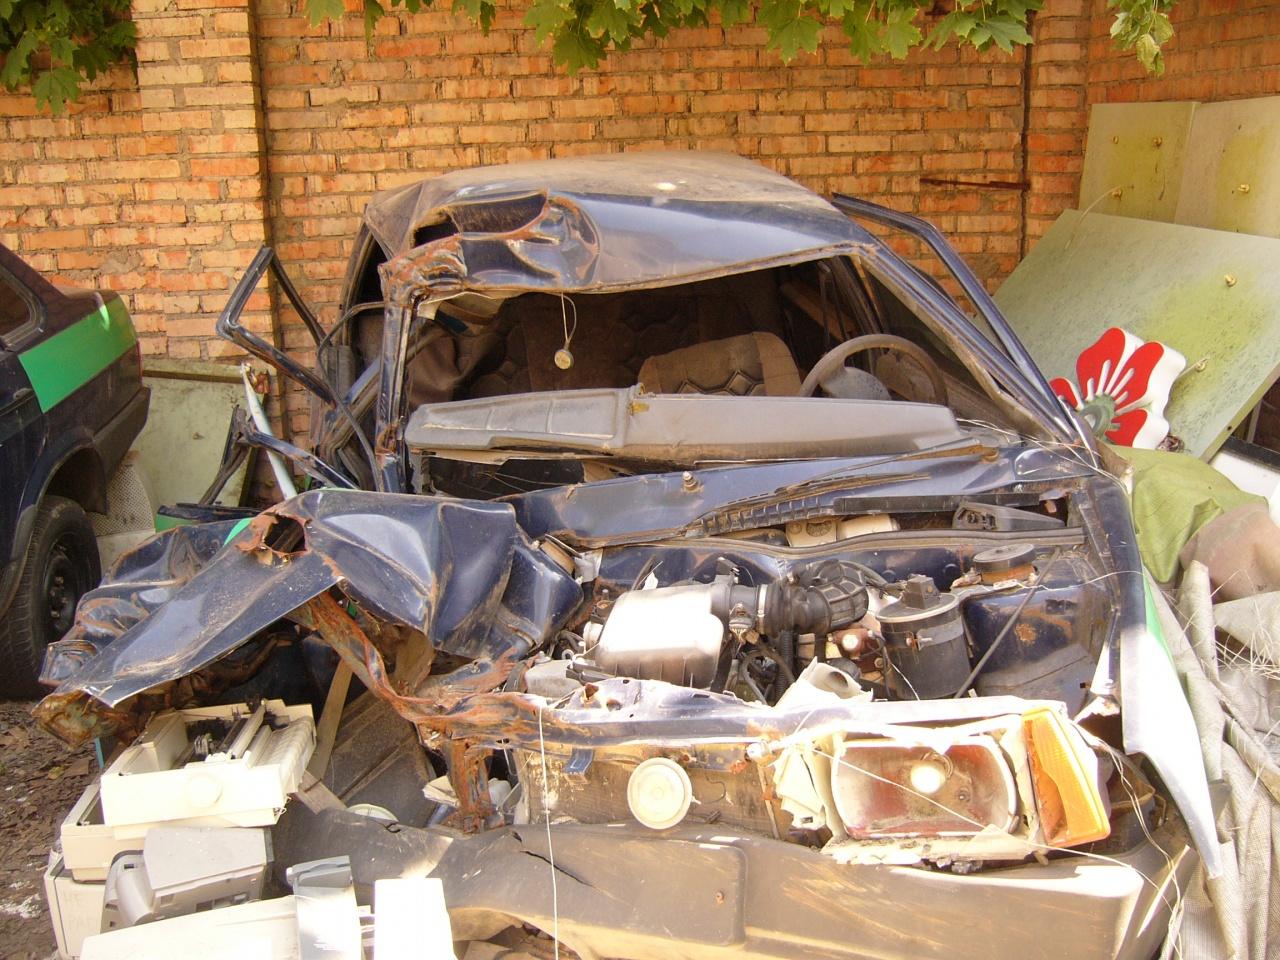 Легковий седан (автомобіль інкасаторський), марка ВАЗ-21099, 2006 року, об'єм двигуна 1,5, колір синій, номер кузова Y6D21099060031015, номер державної реєстрації АА4126ВО шини 175/70R13 82H KR26 TL Kumho,  (інв. № Ndr_1_pe_61519), 4 шт.